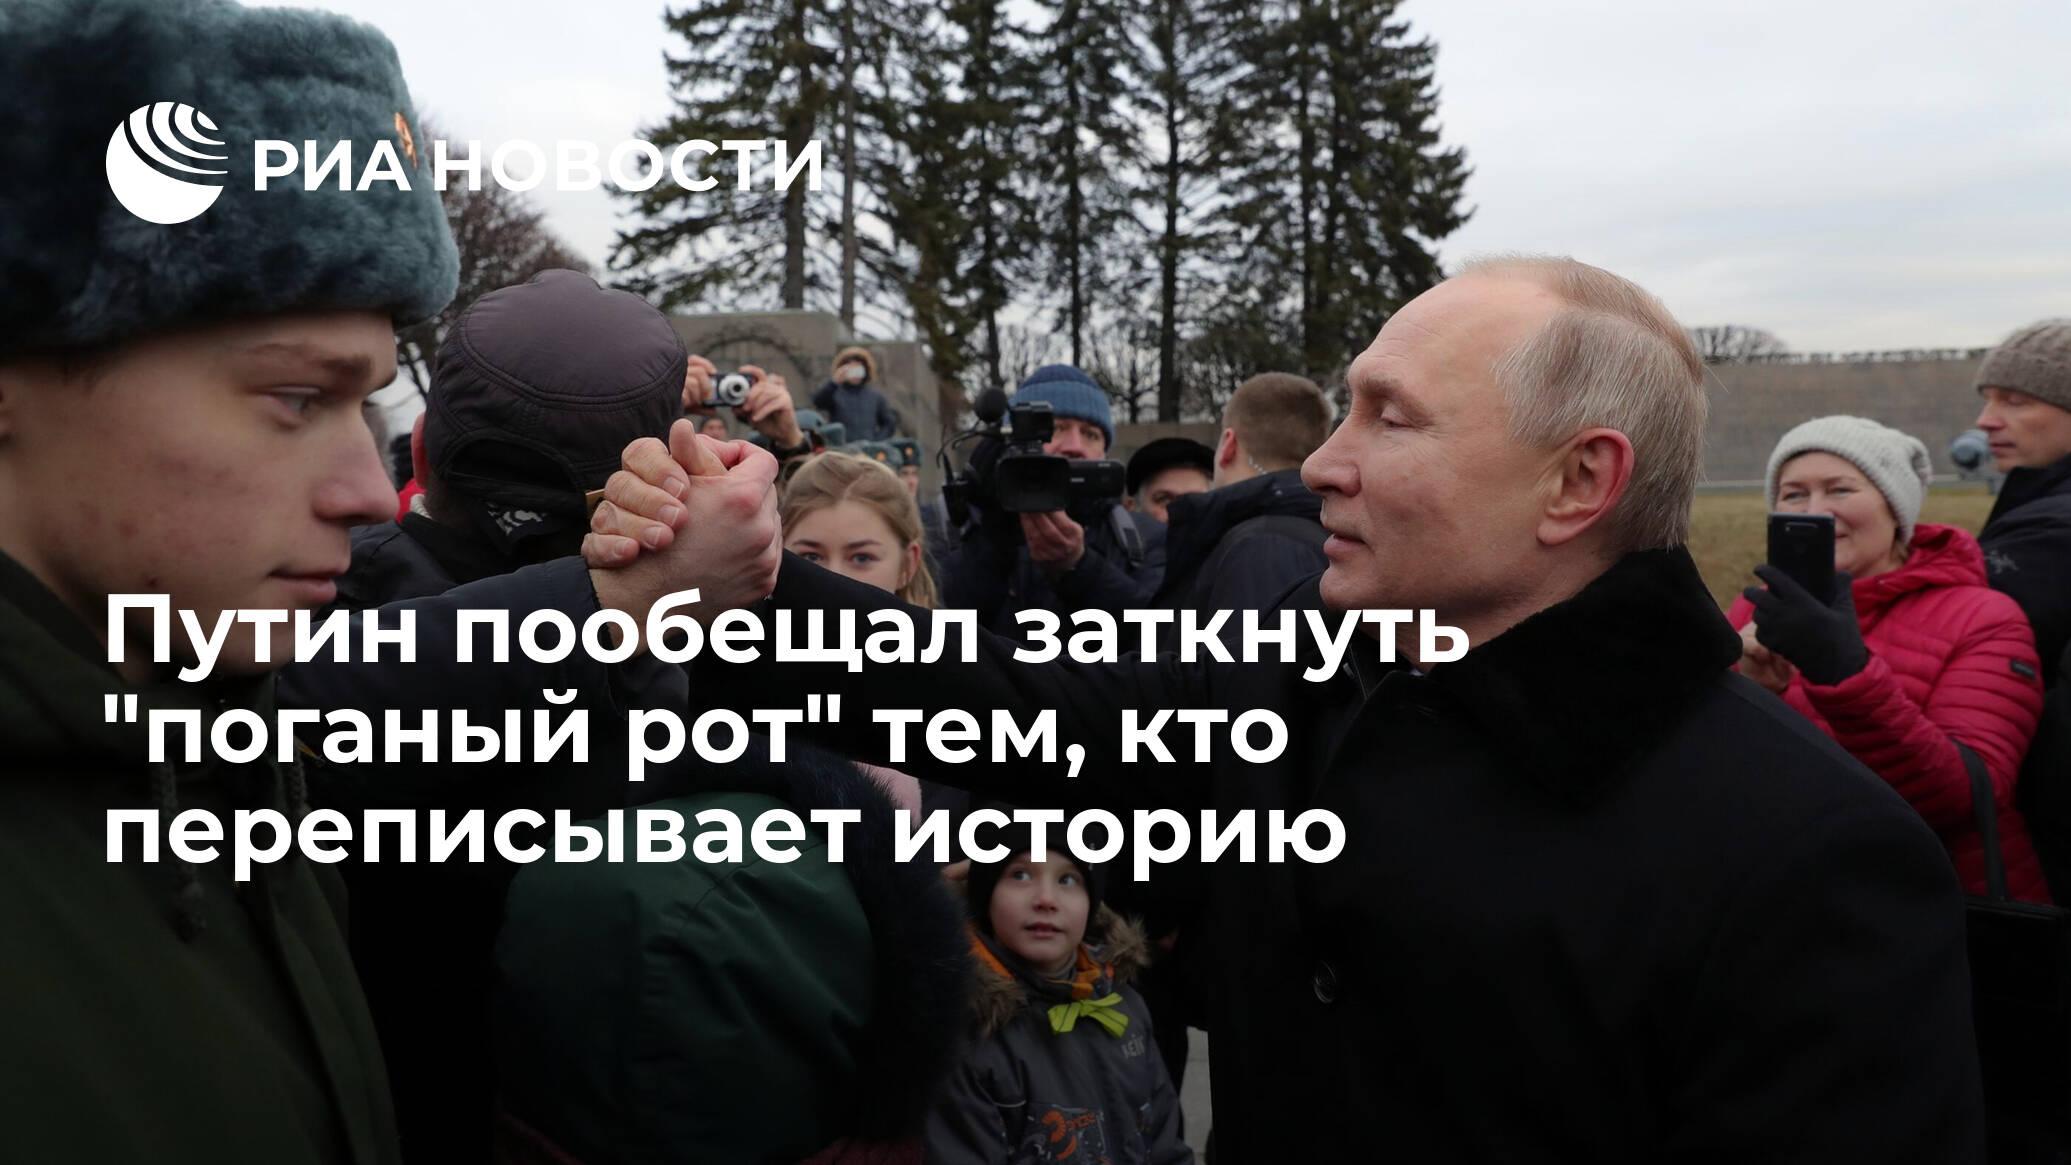 """Путин пообещал заткнуть """"поганый рот"""" тем, кто переписывает историю - РИА Новости, 18.01.2020"""